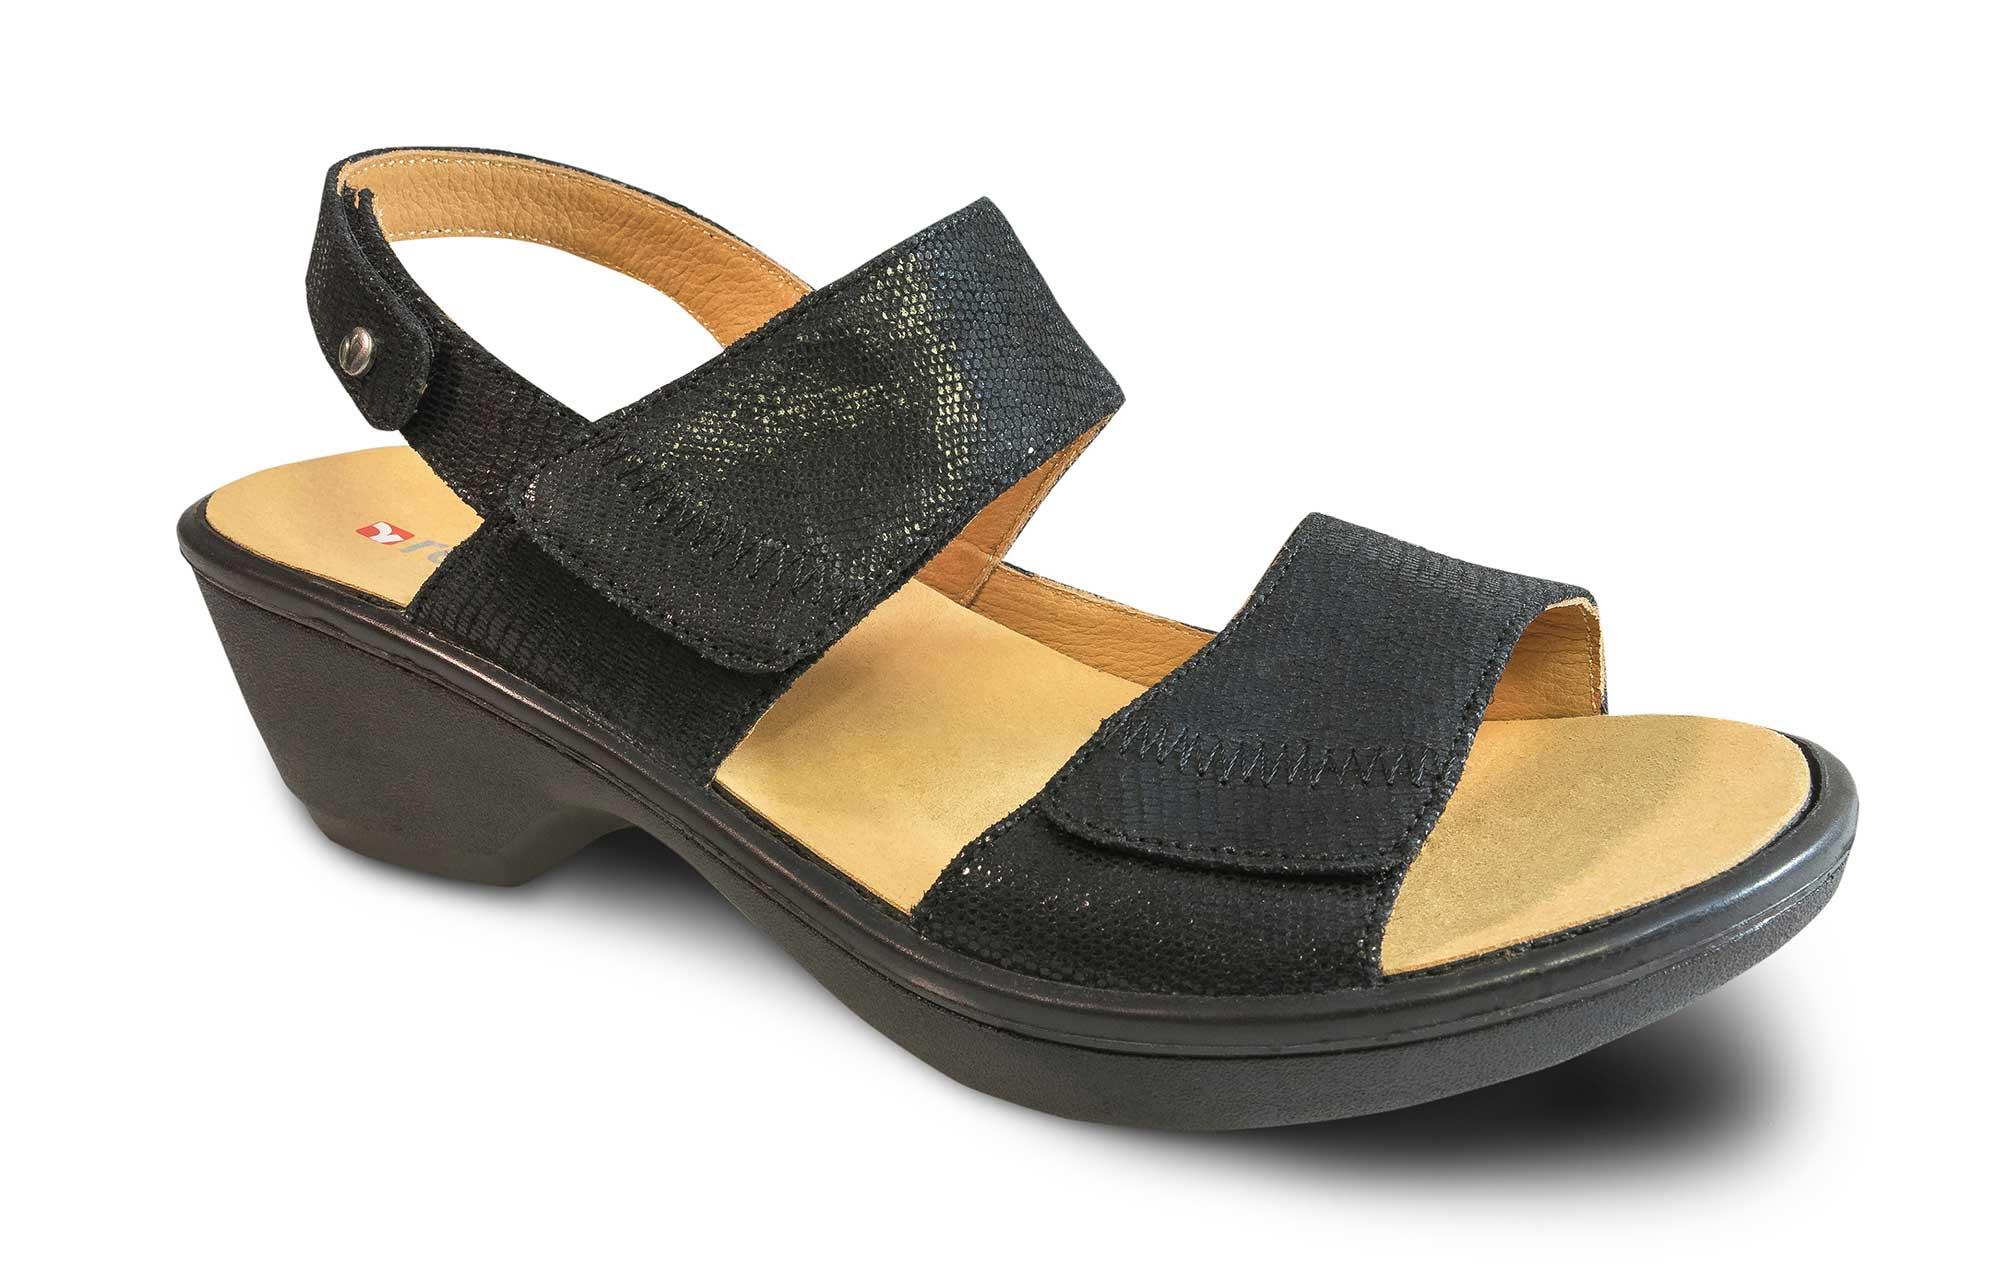 Revere Rosario Sandal - 34ROSA - Sandal